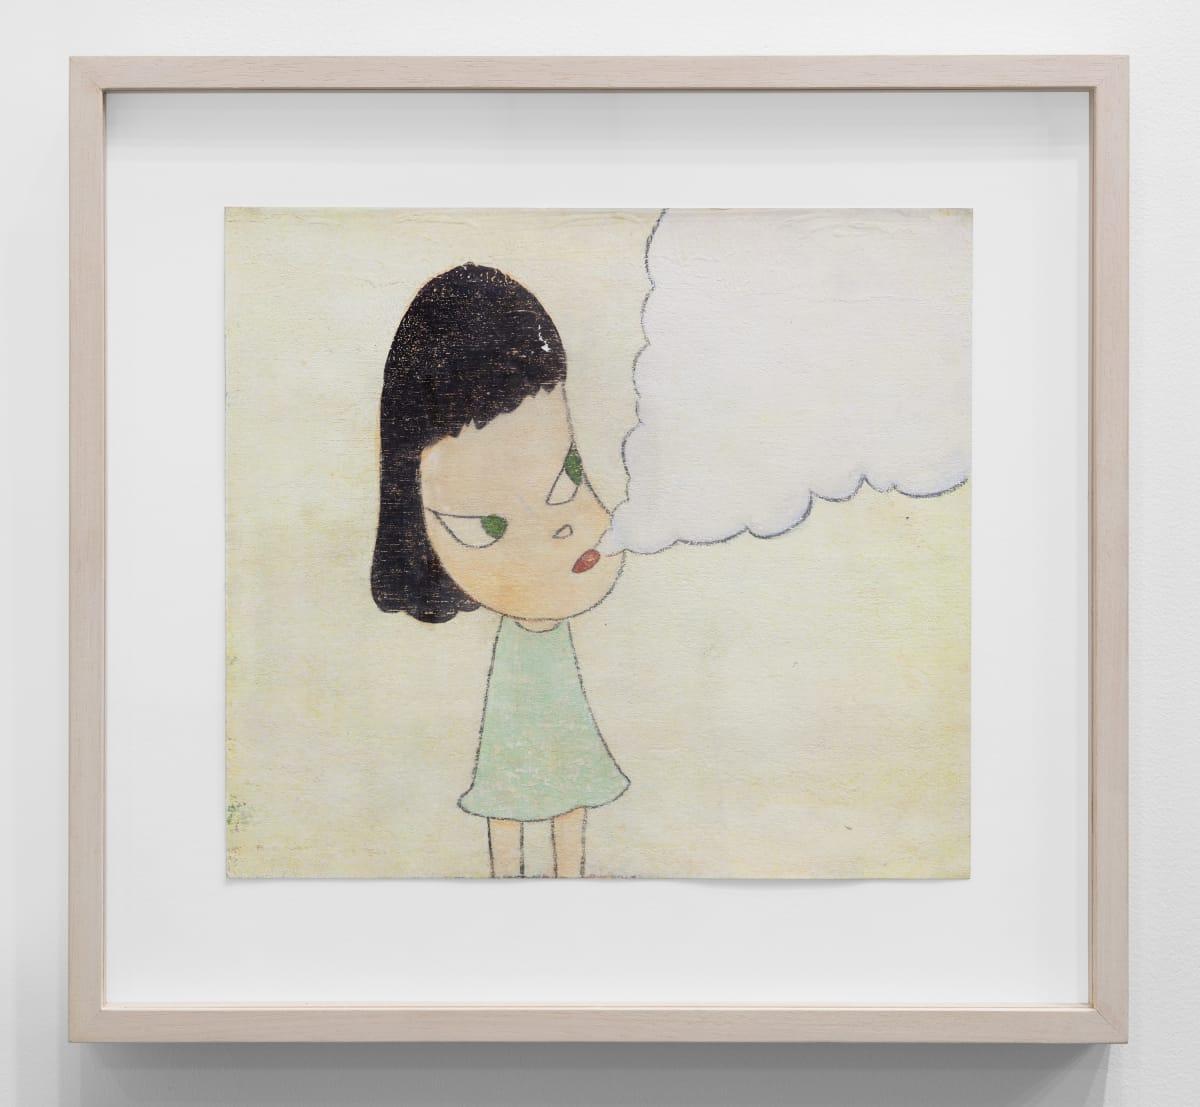 Yoshitomo Nara Hazy Breath, 2001 Acrylic on paper 9 1/4 x 10 1/4 in (23.5 x 26 cm) © YOSHITOMO NARA